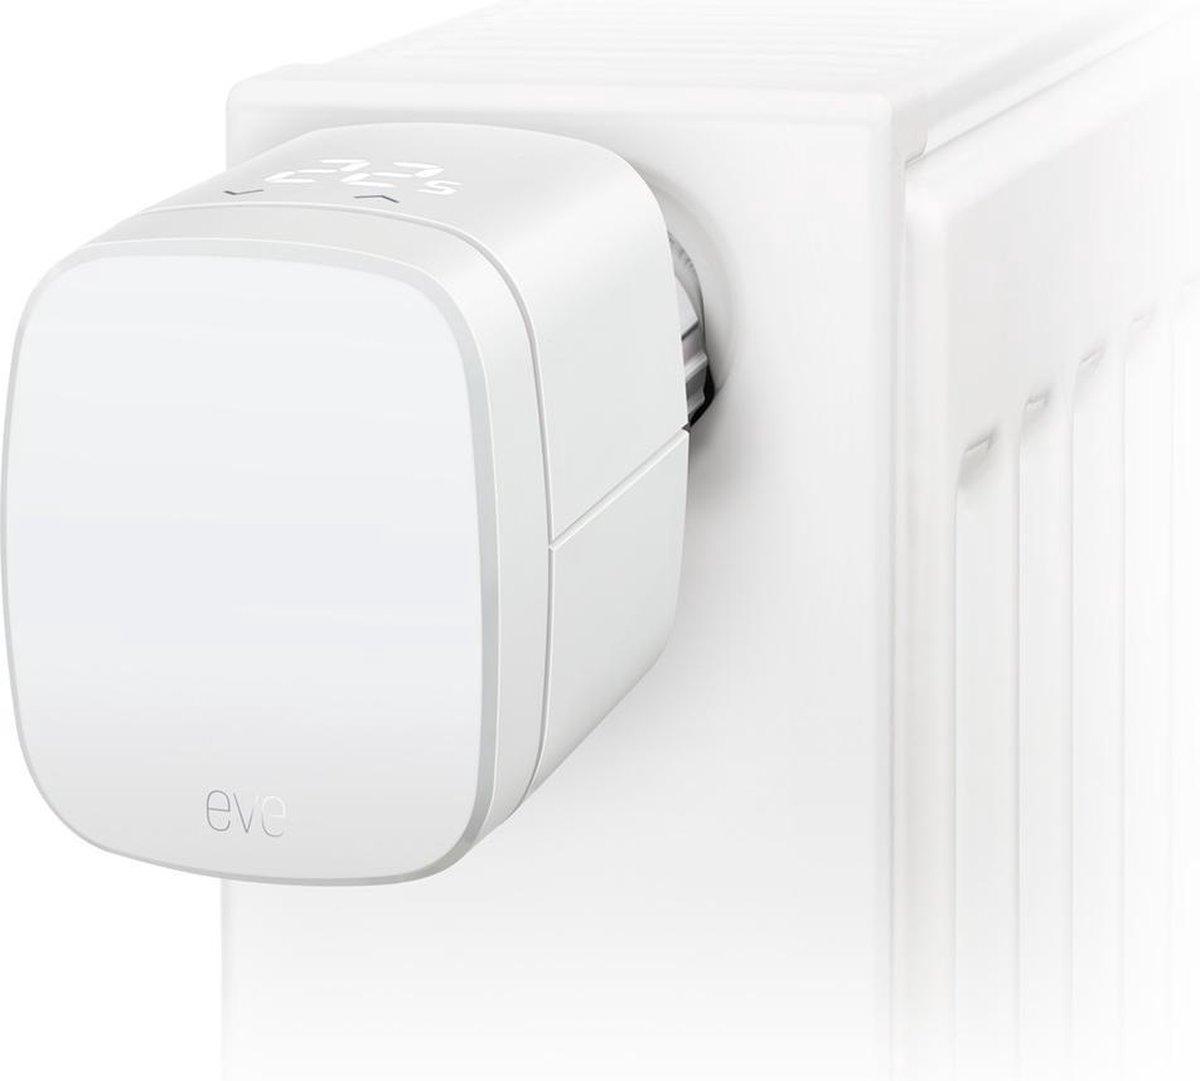 Eve Thermo - Slimme Radiatorkraan - Werkt met Apple Homekit